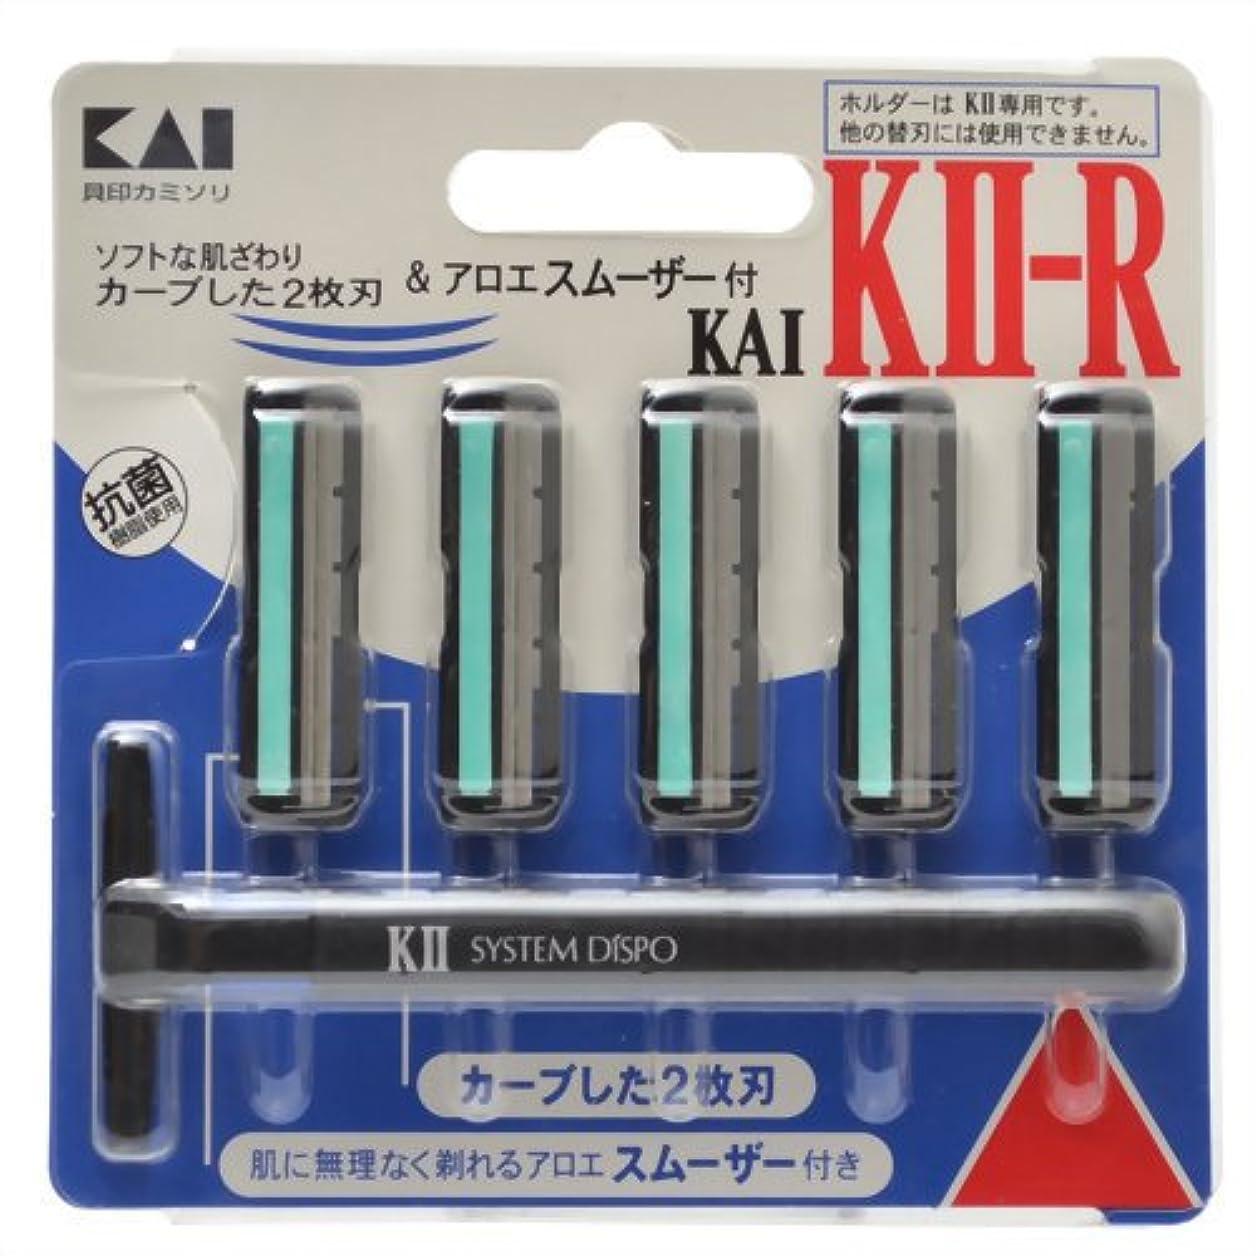 広い仕事ずっと貝印 KAI KII-R ひげそり用カミソリ アロエスムーザー付